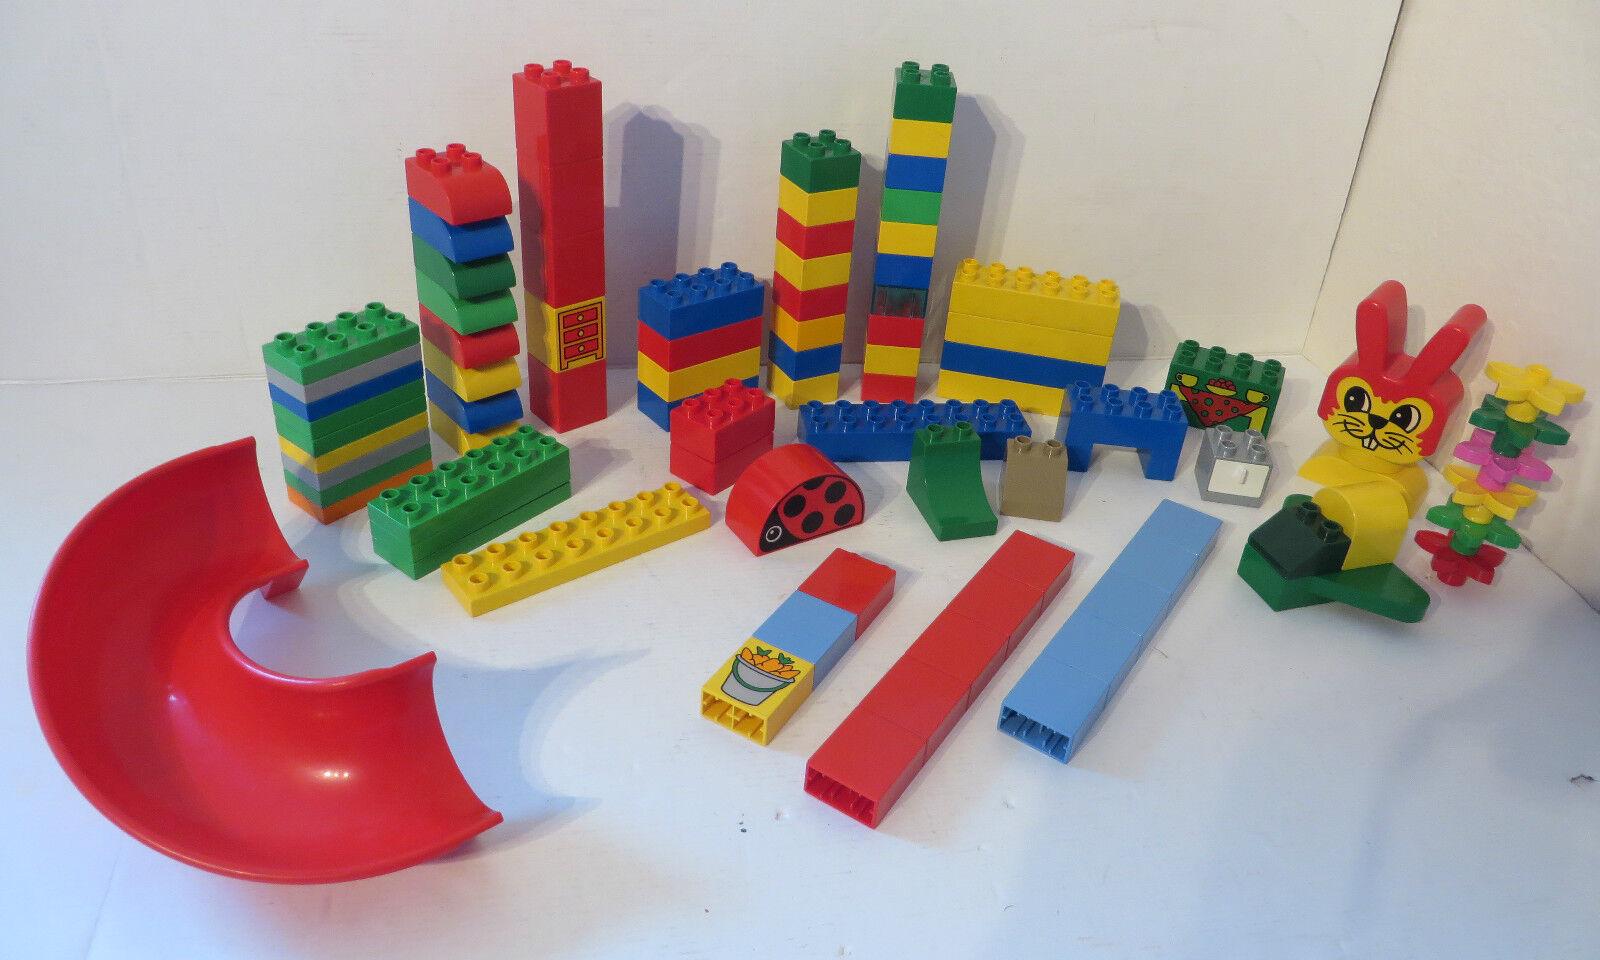 LEGO DUPLO  großes Set 86 Teile Sondersteine Bausteine Tiere Zubehör Konvolut kg